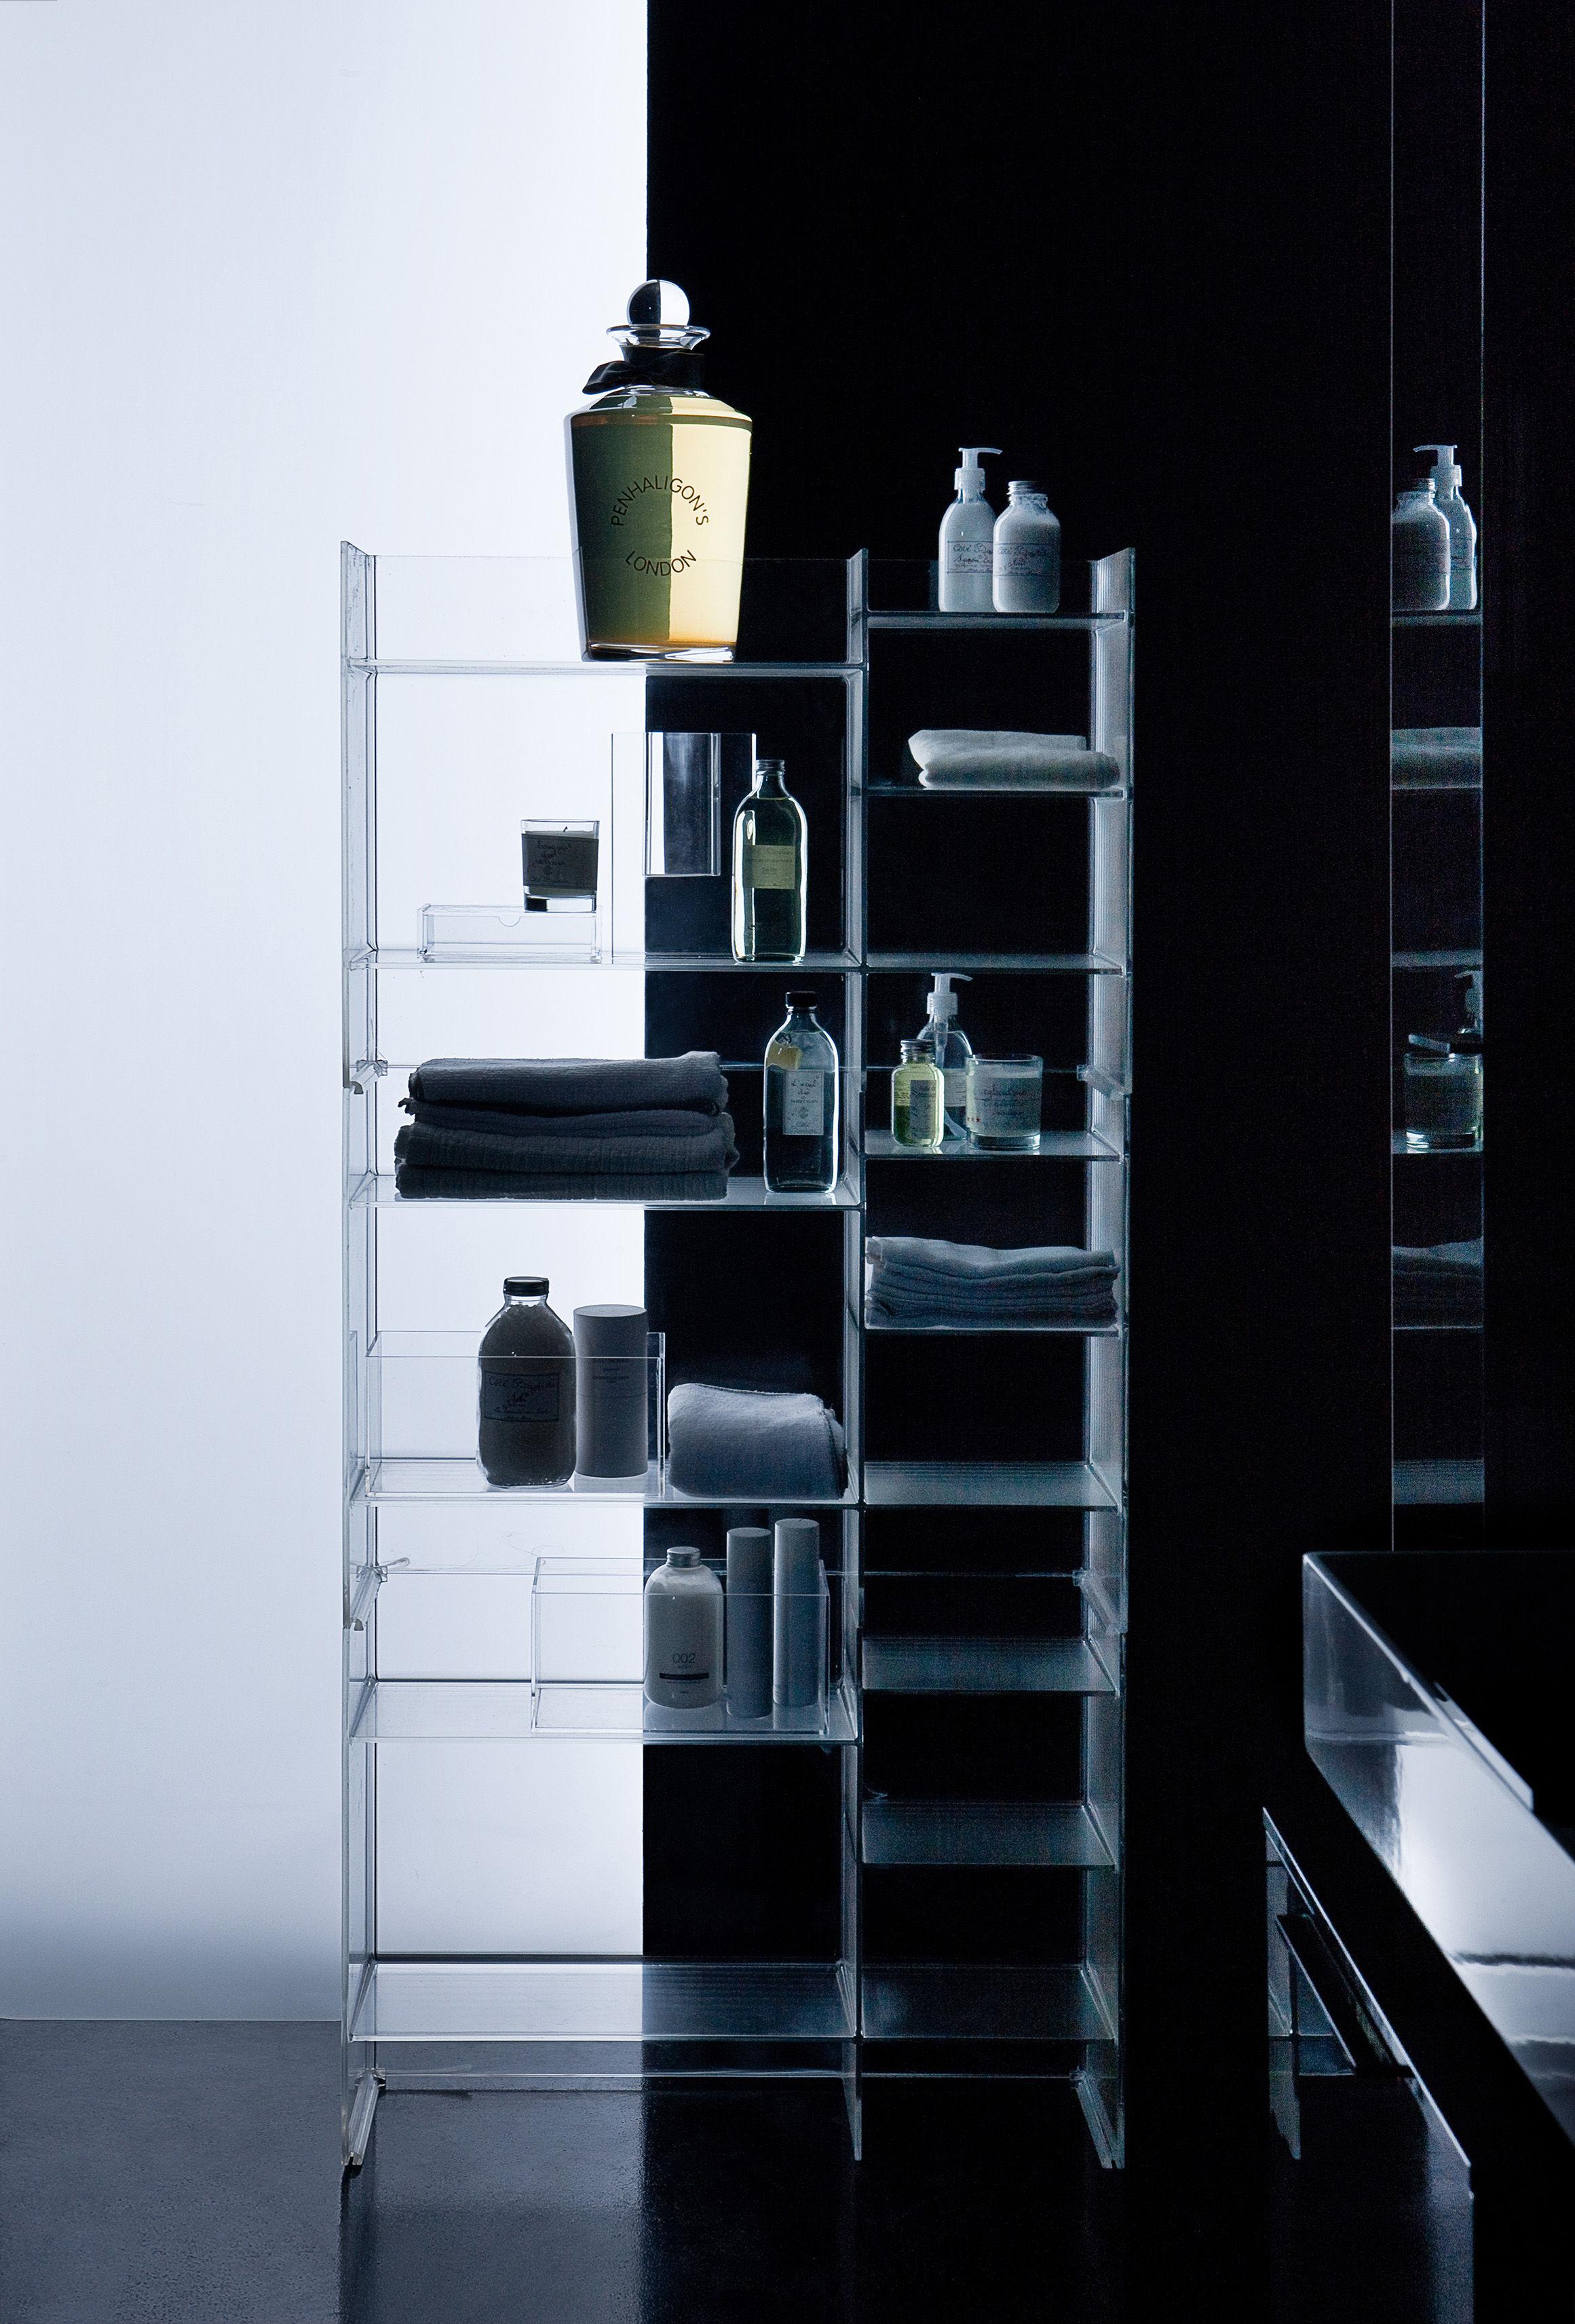 Scopri mobile contenitore sound rack l 75 x h 53 cm cristallo di kartell made in design italia - Kartell accessori bagno ...